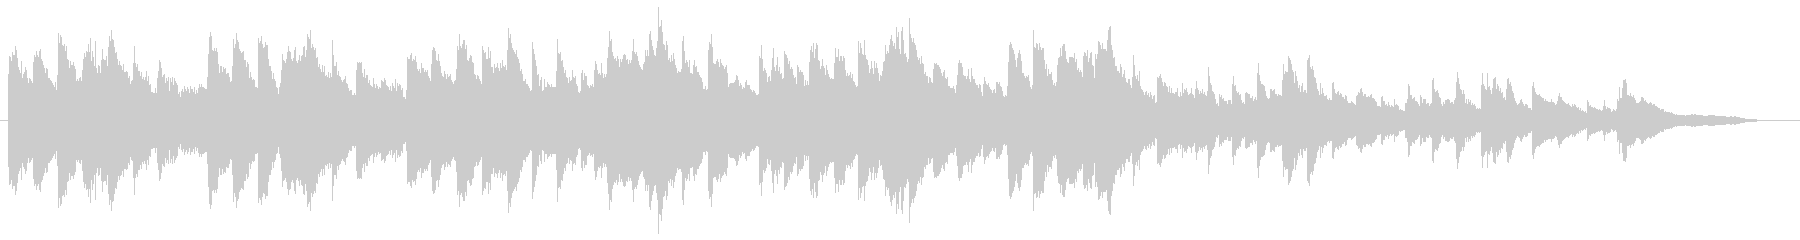 感情的なクラシックソロピアノ音楽の未再生の波形